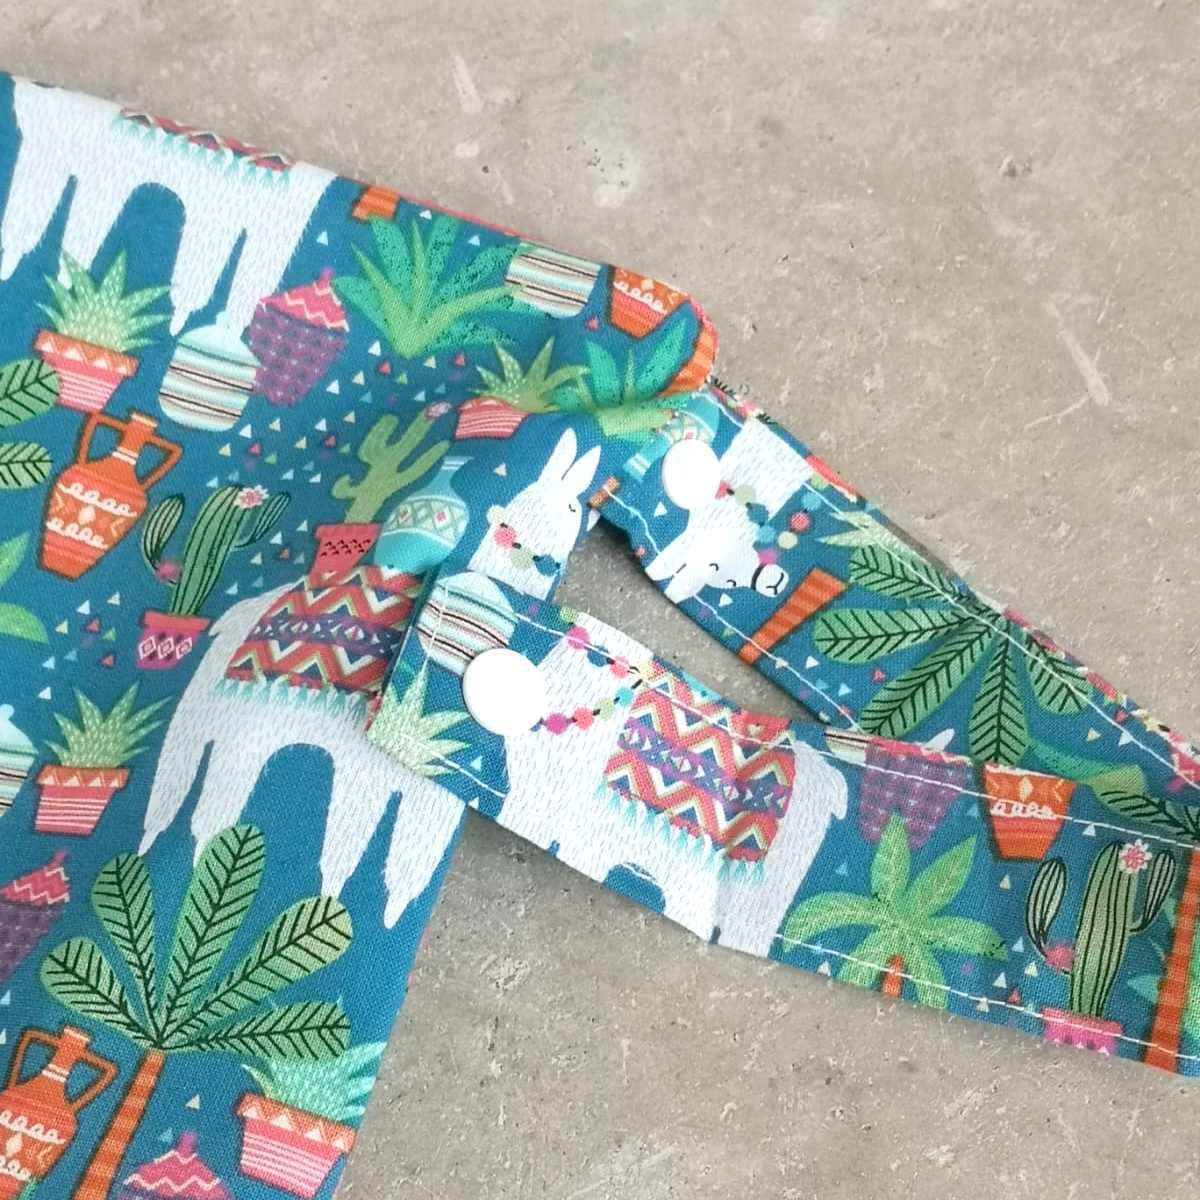 Cotton Fabric Travel Wet Bag Detachable Strap